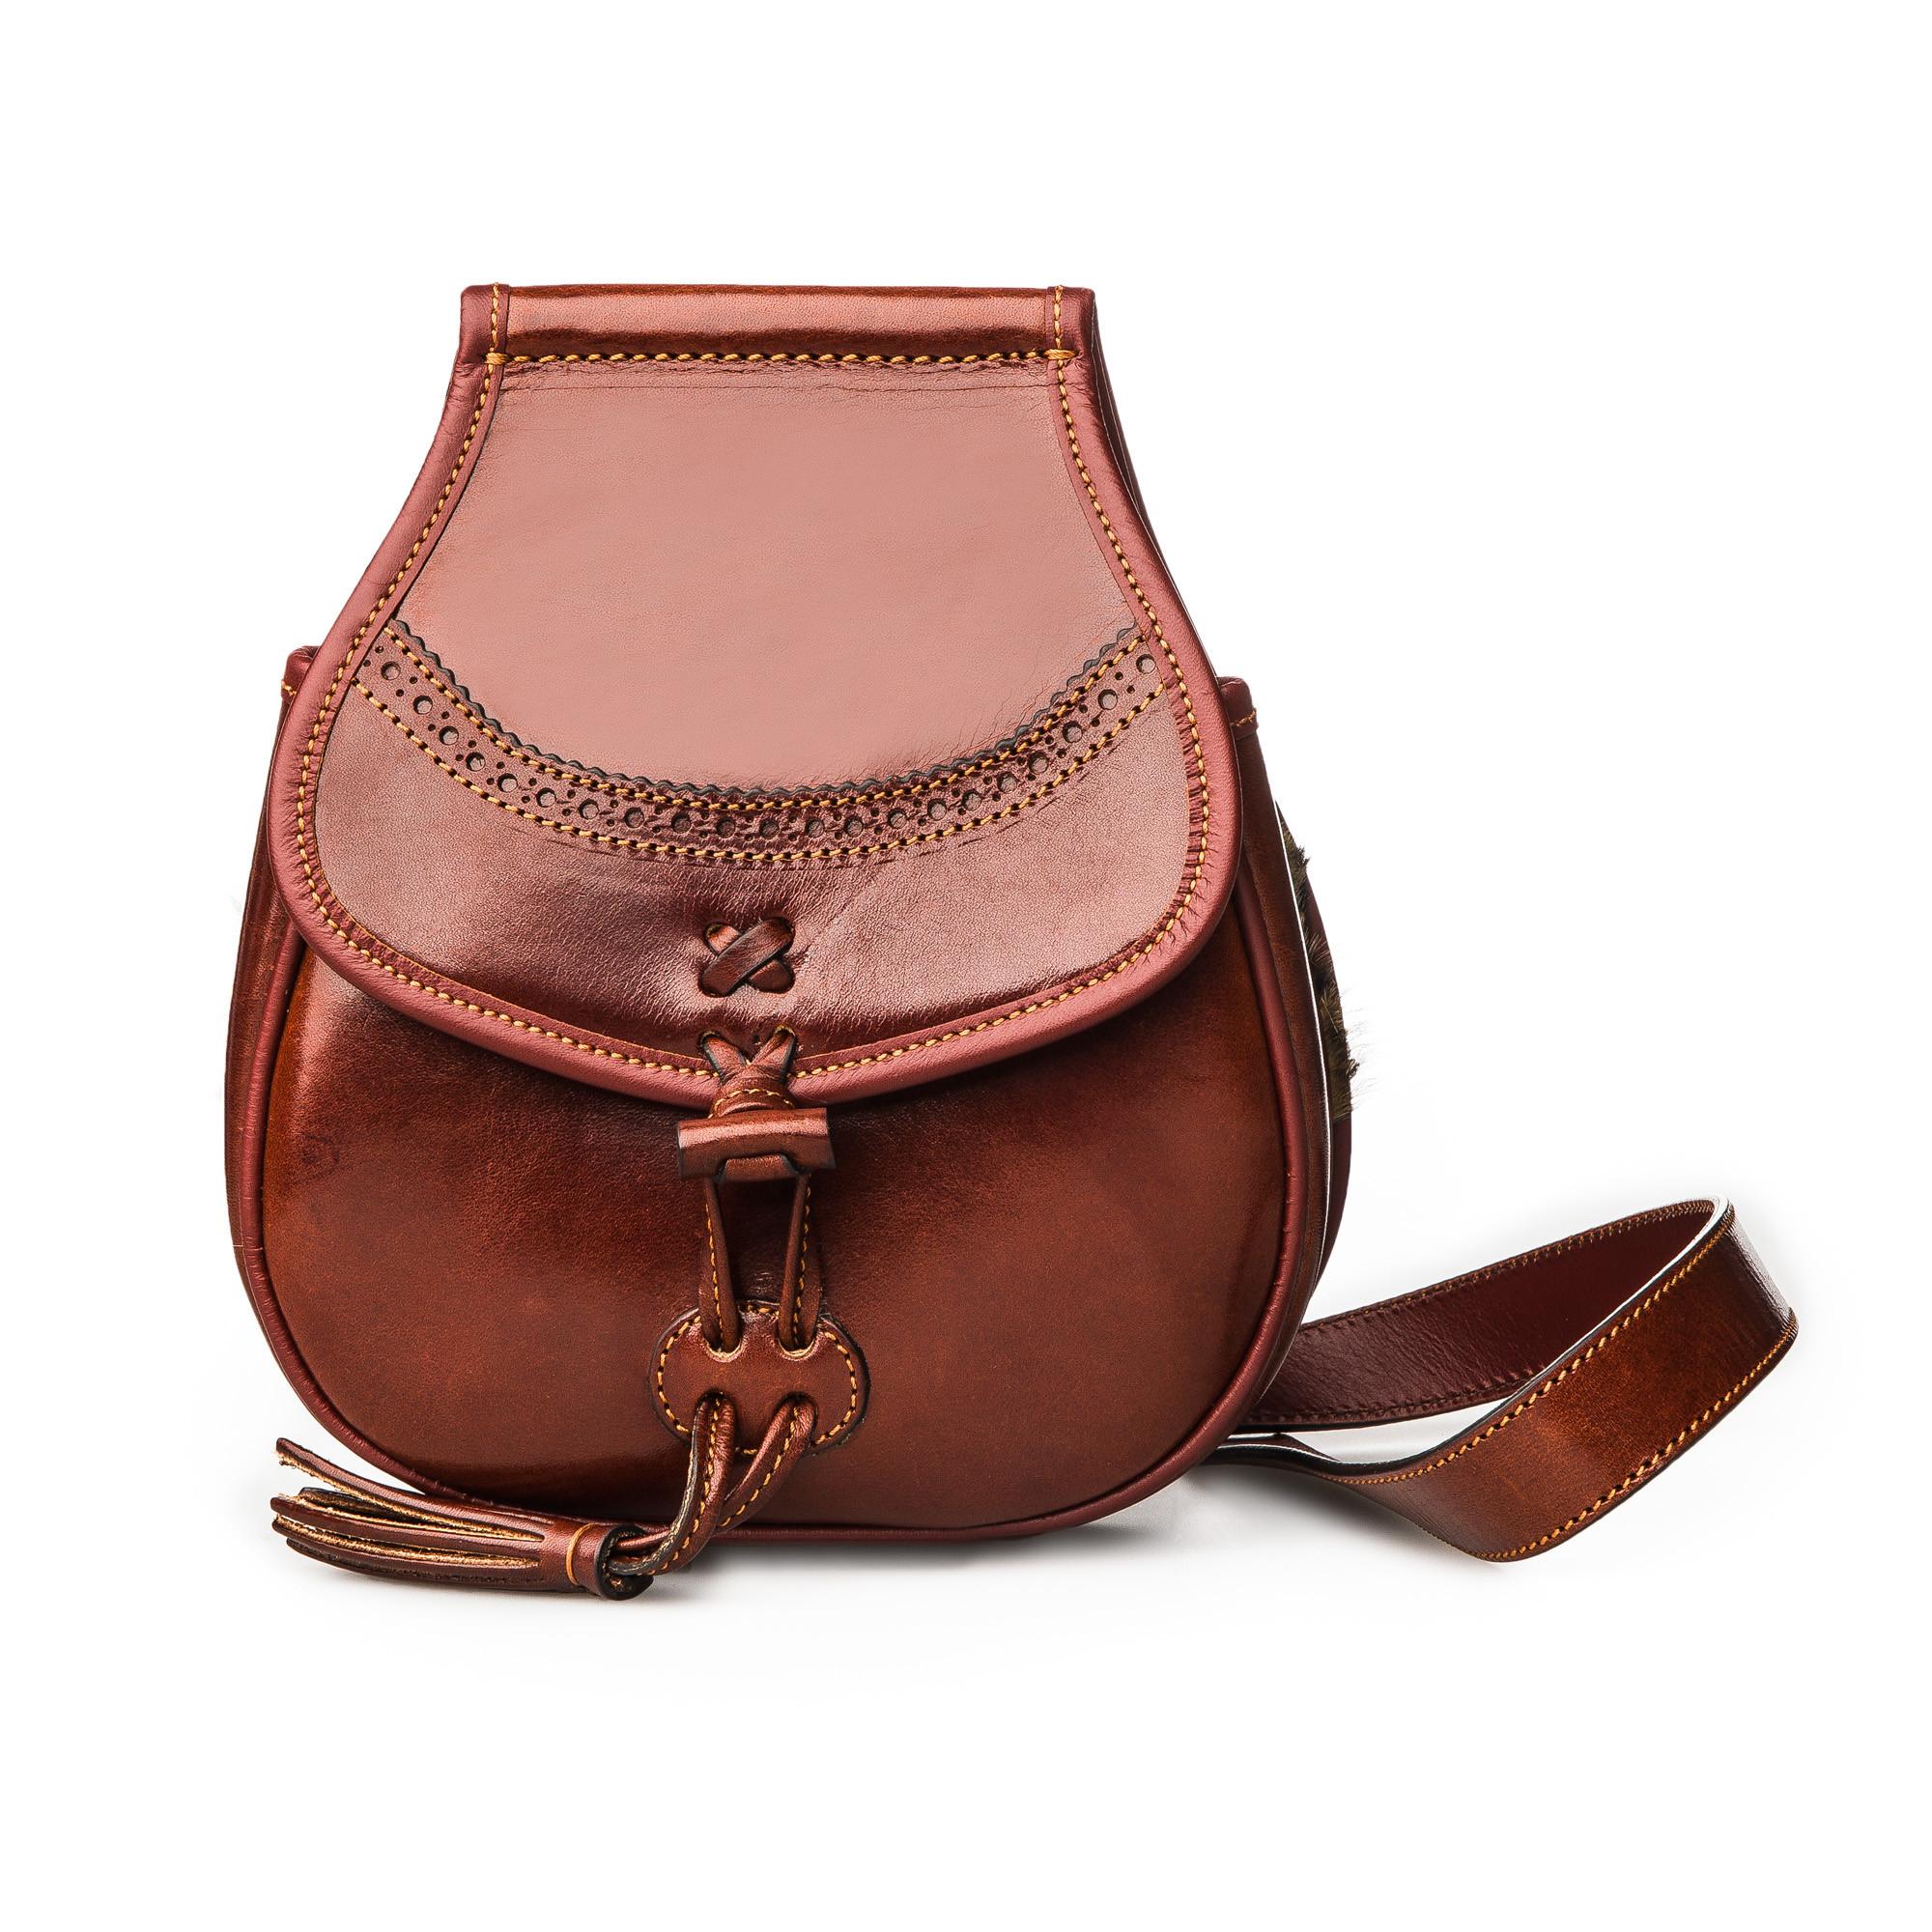 c5aca15ee T.ba Leather & Fur Hand Warming Bag - Bronze